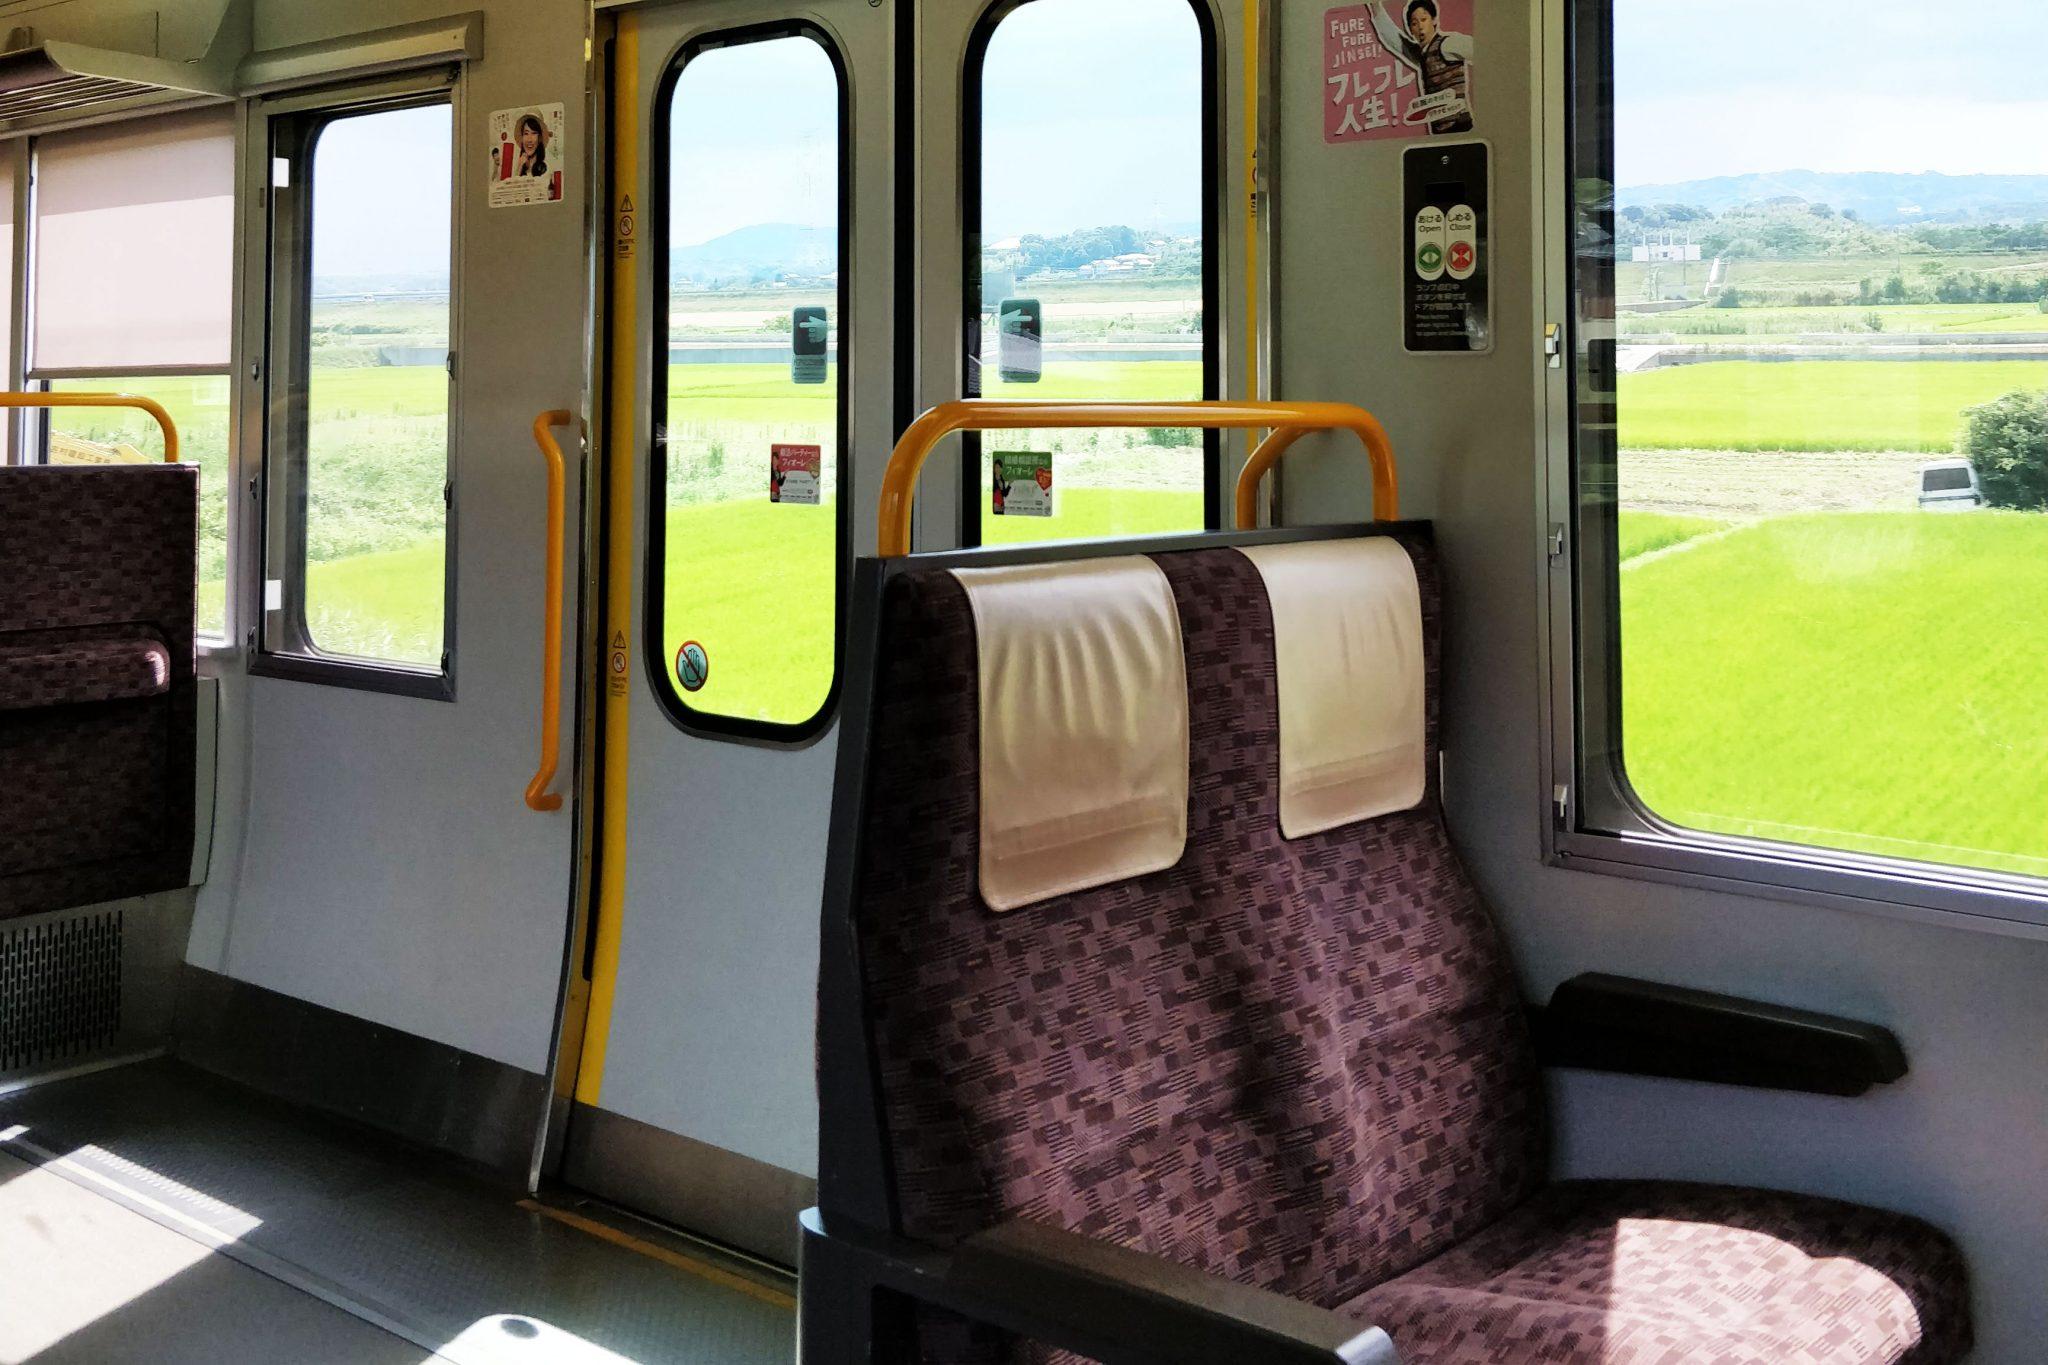 Japanilainen lähijuna